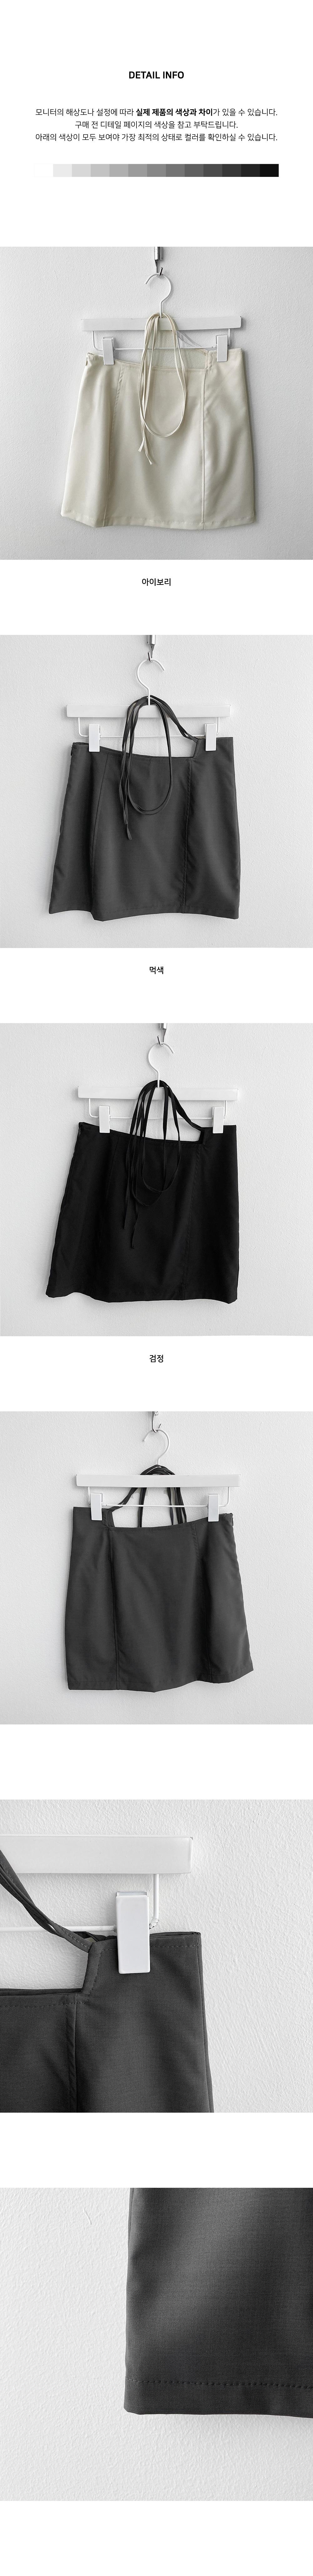 mousse strap thong mini skirt